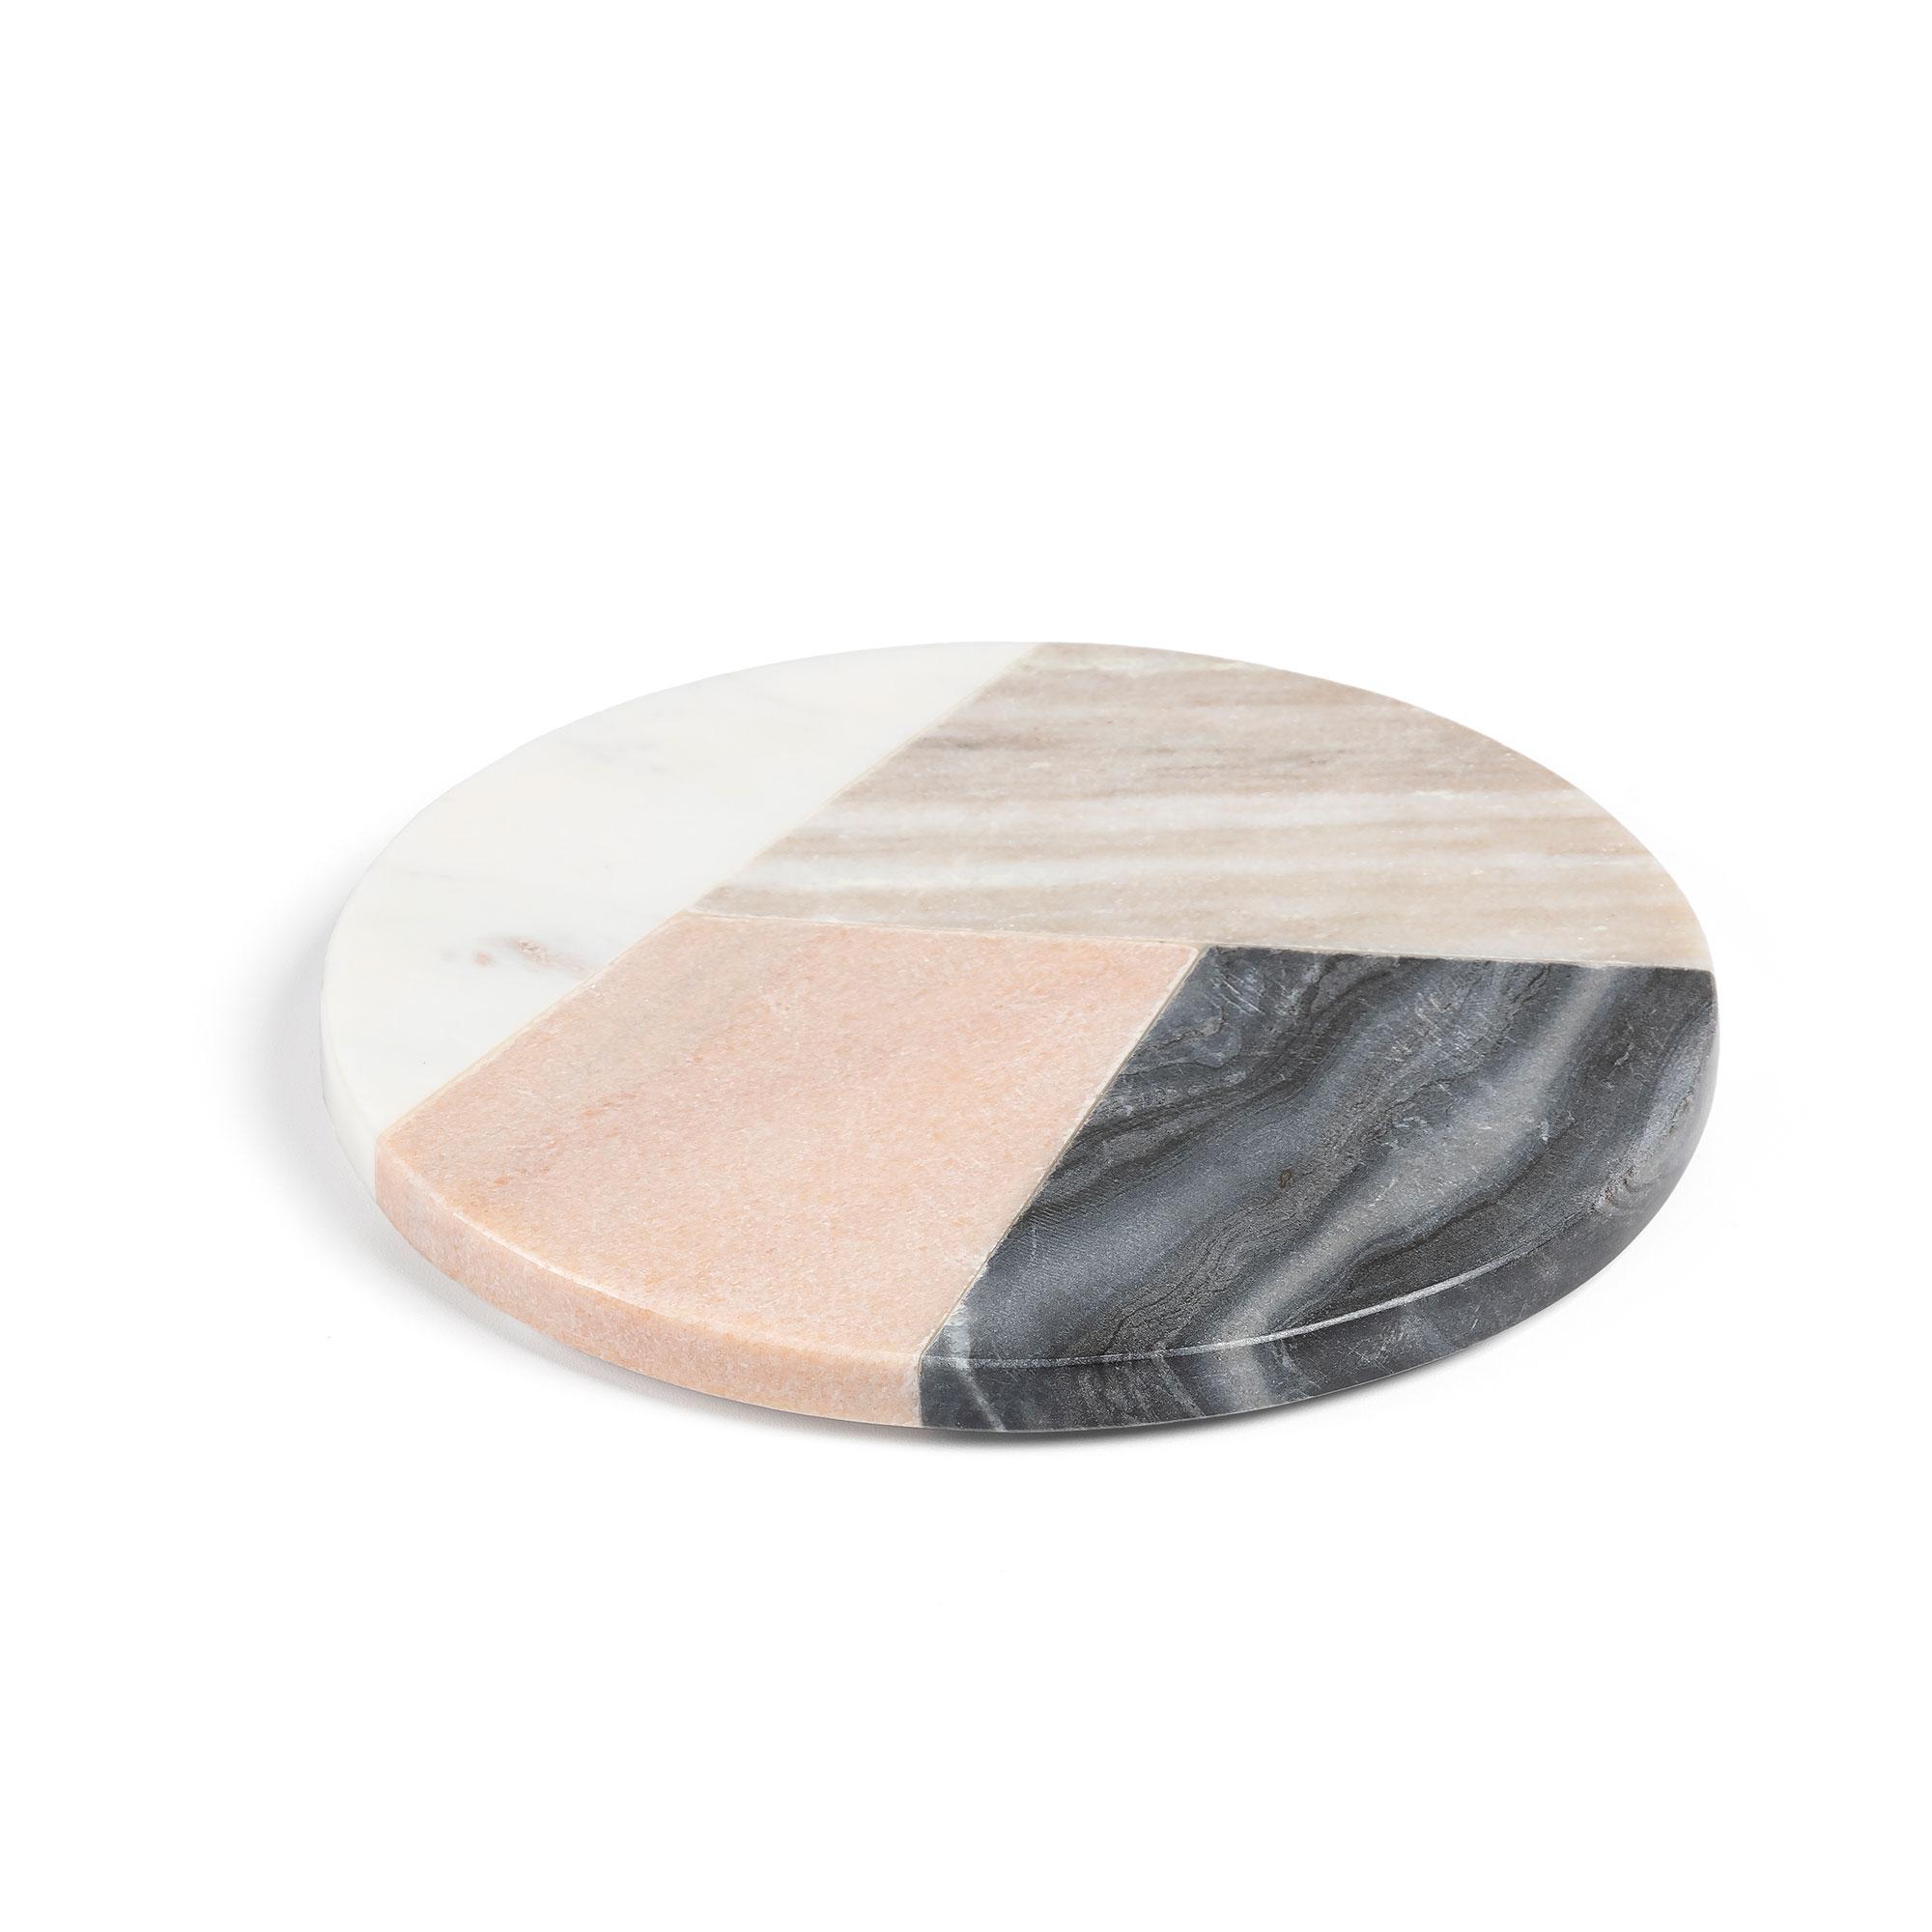 Kave home - dessous de plat rond bradney marbre...